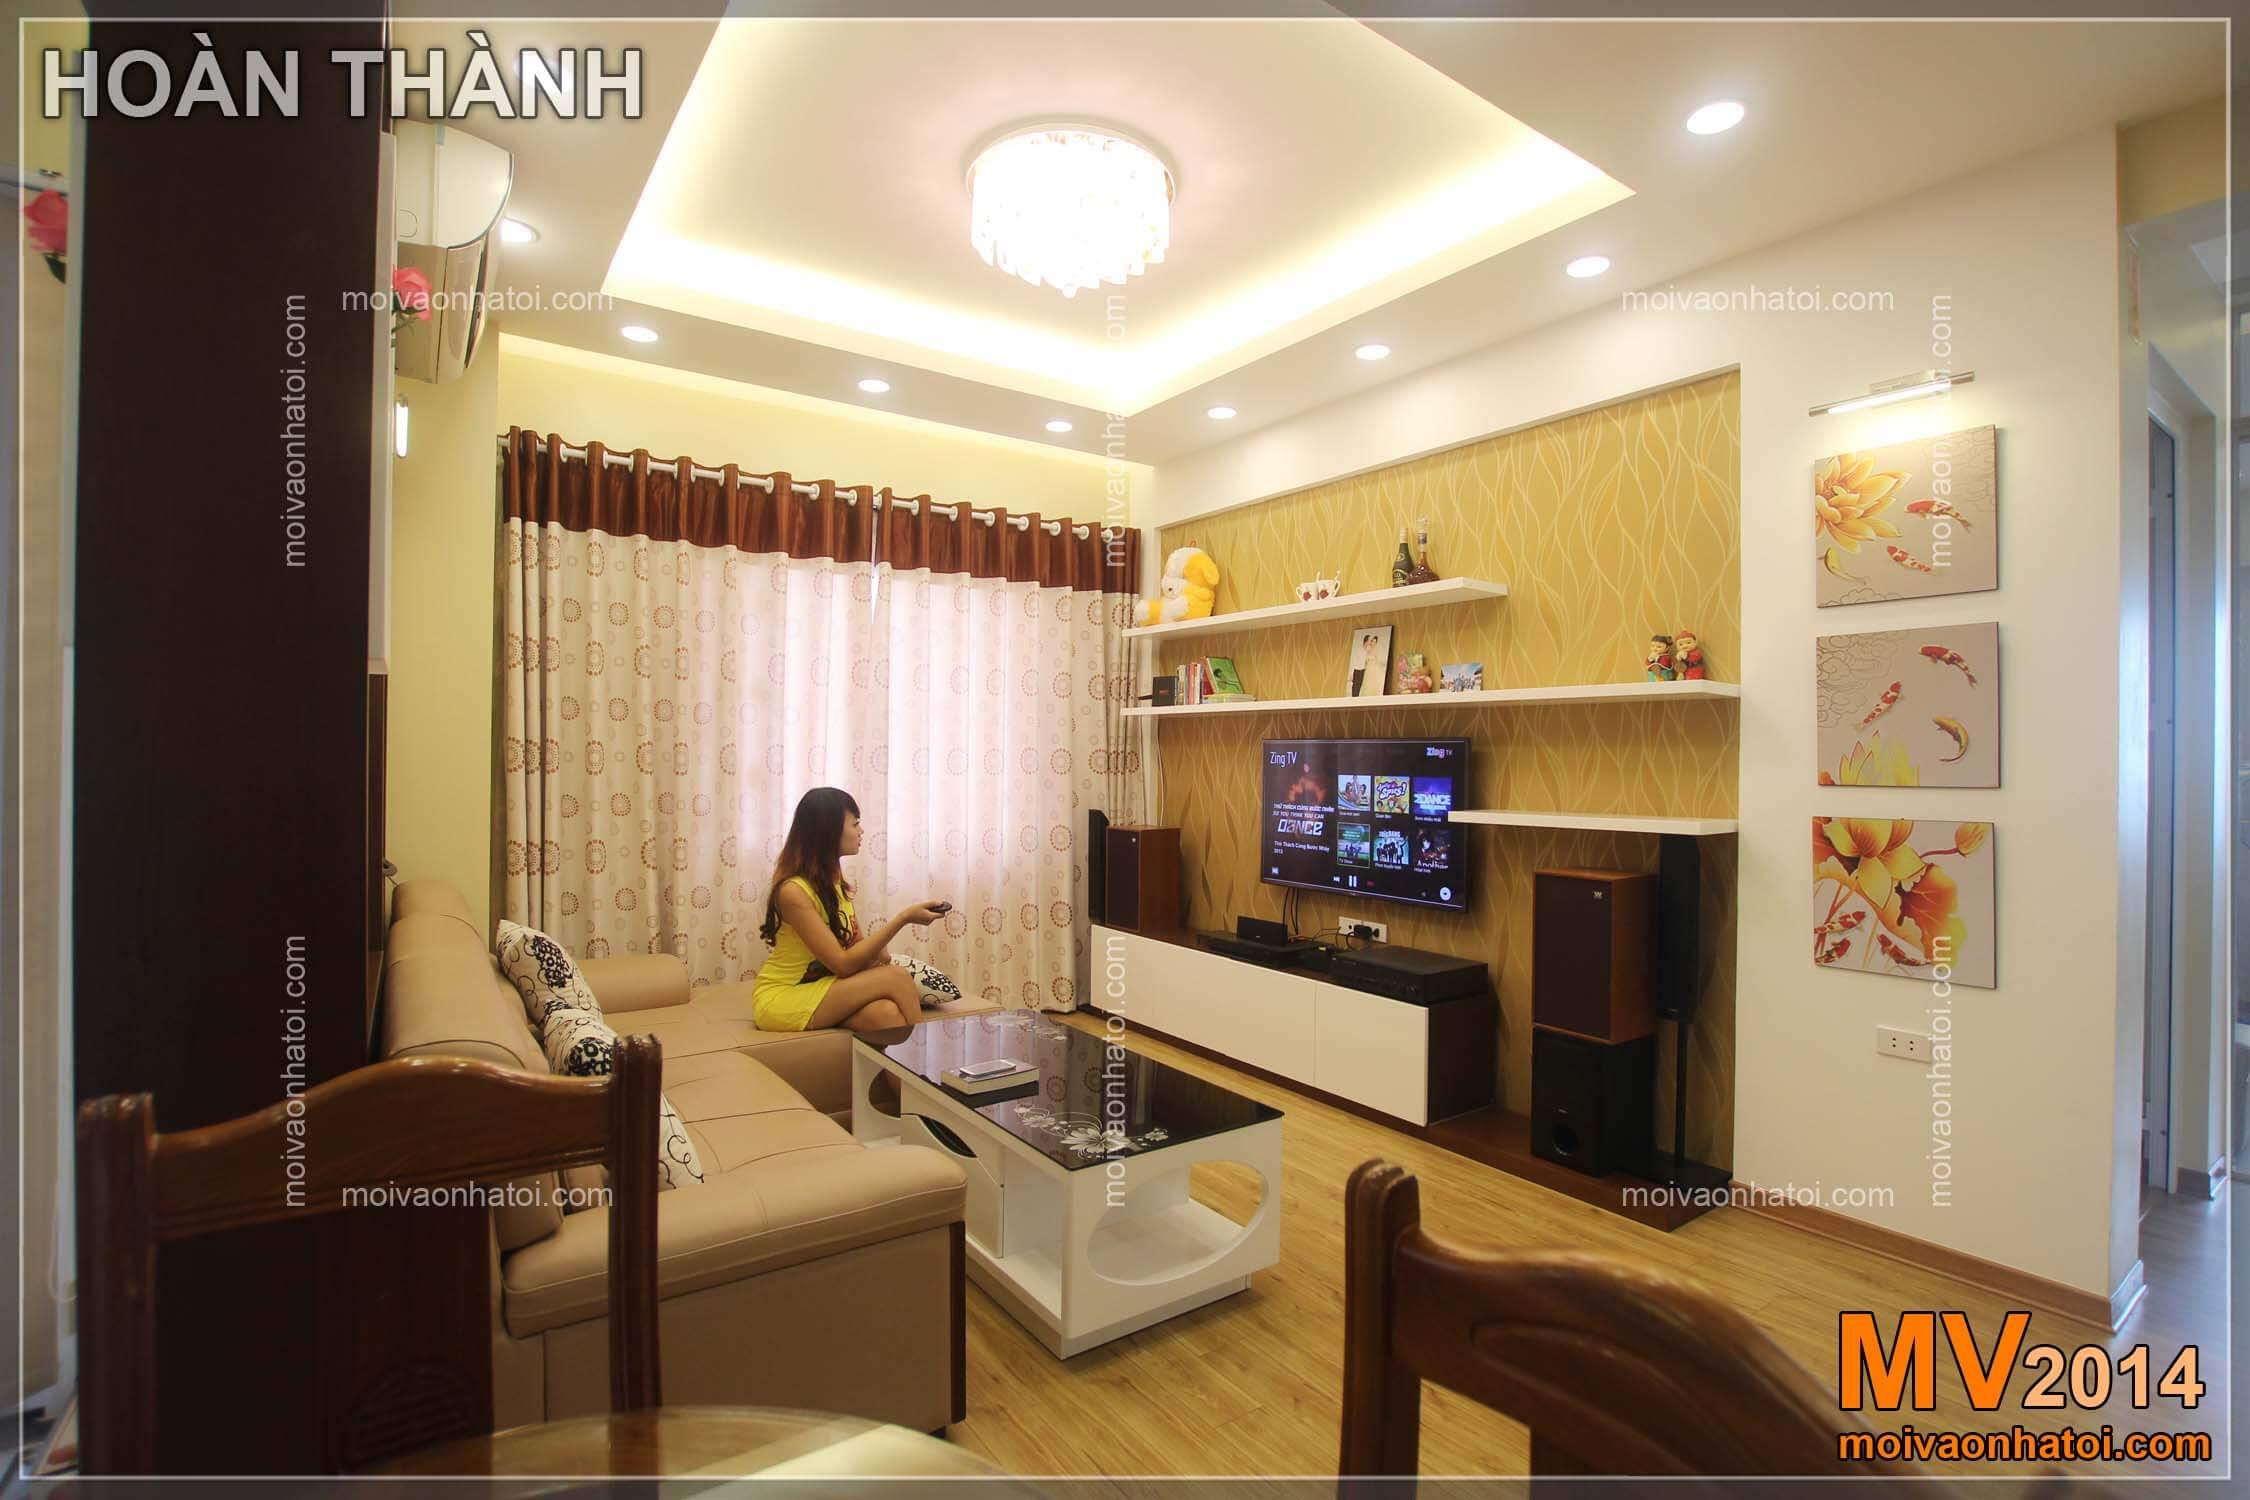 Thiết kế nội thất chung cư Việt Hưng khi thi công hoàn thành